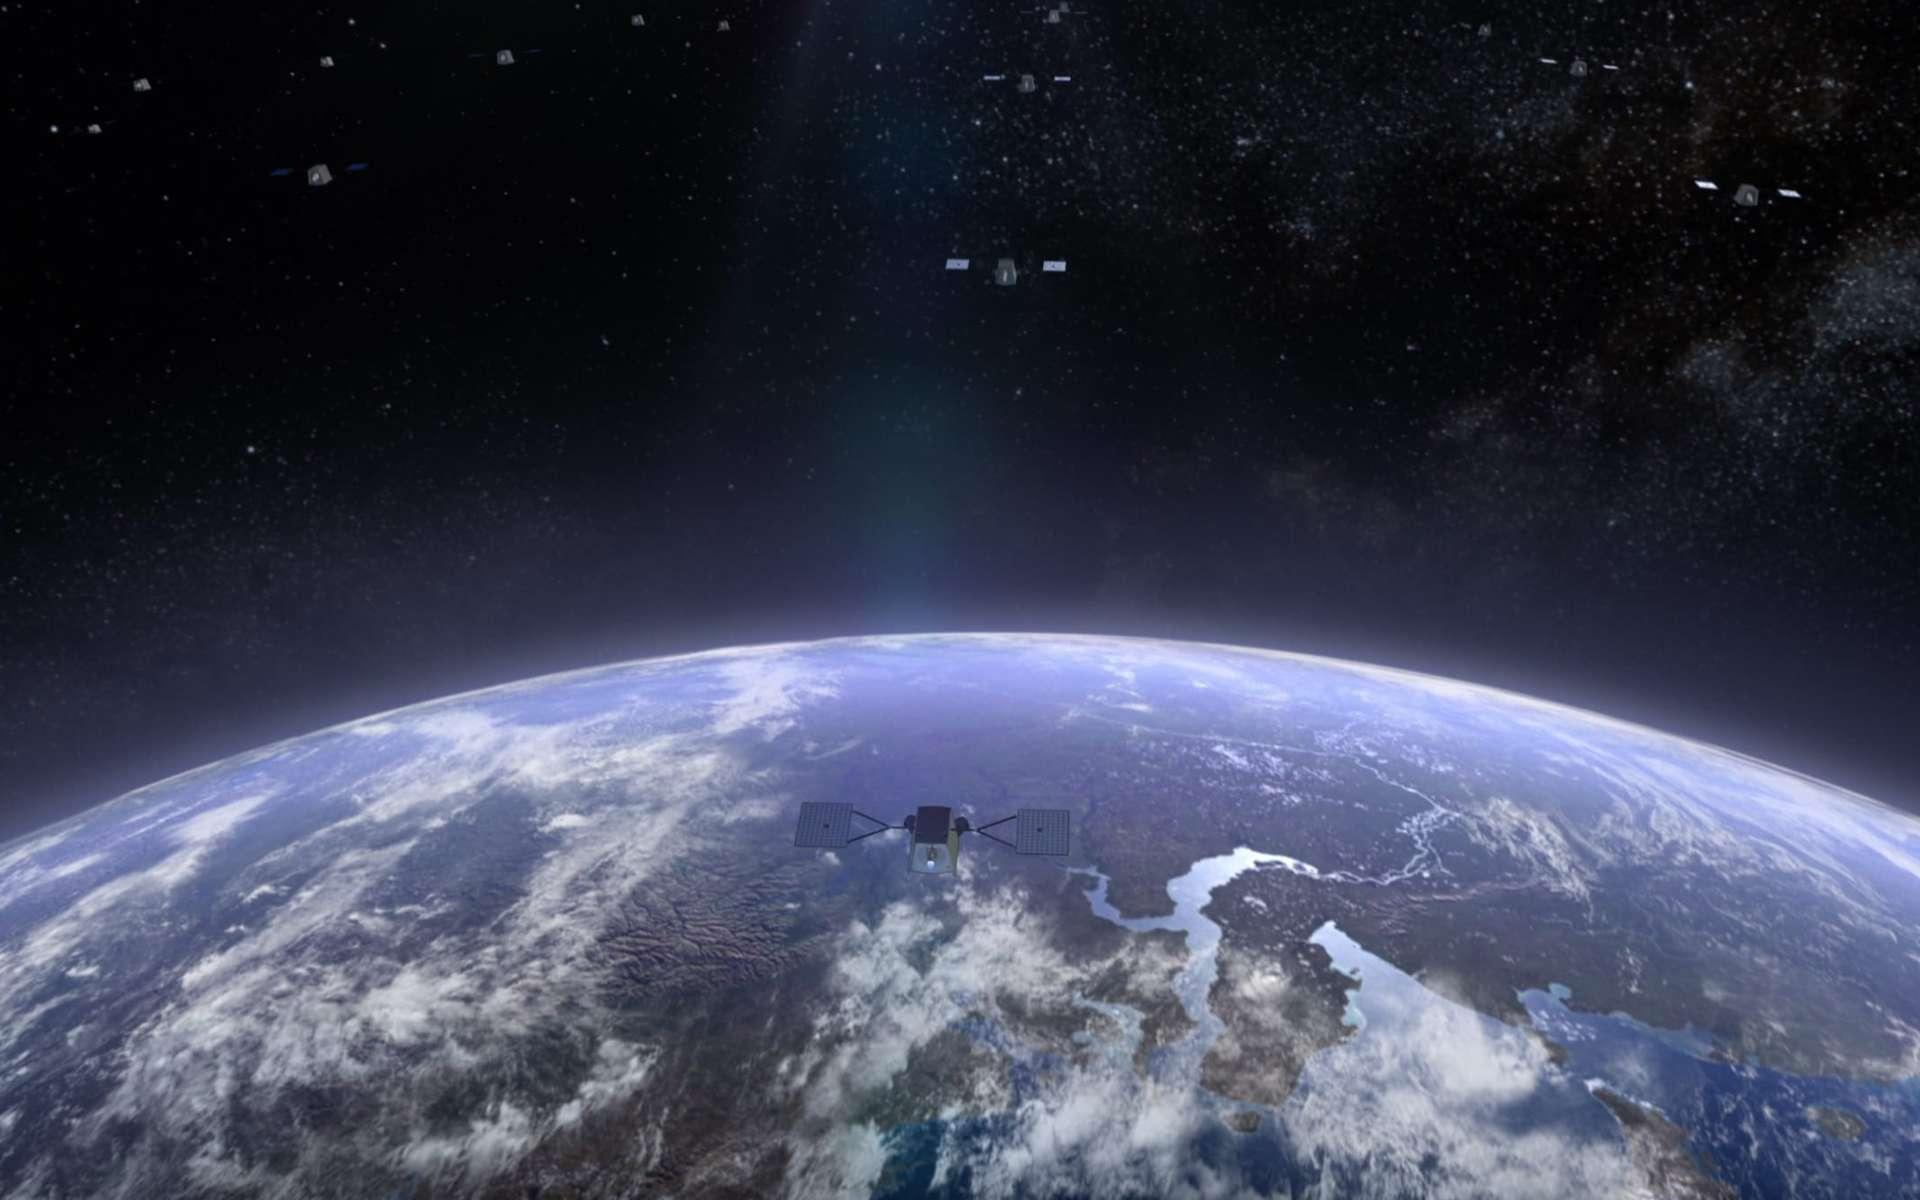 OneWeb prévoyait le déploiement de 650 satellites à l'horizon 2021. Elle vient d'annoncer sa mise en faillite. © OneWeb